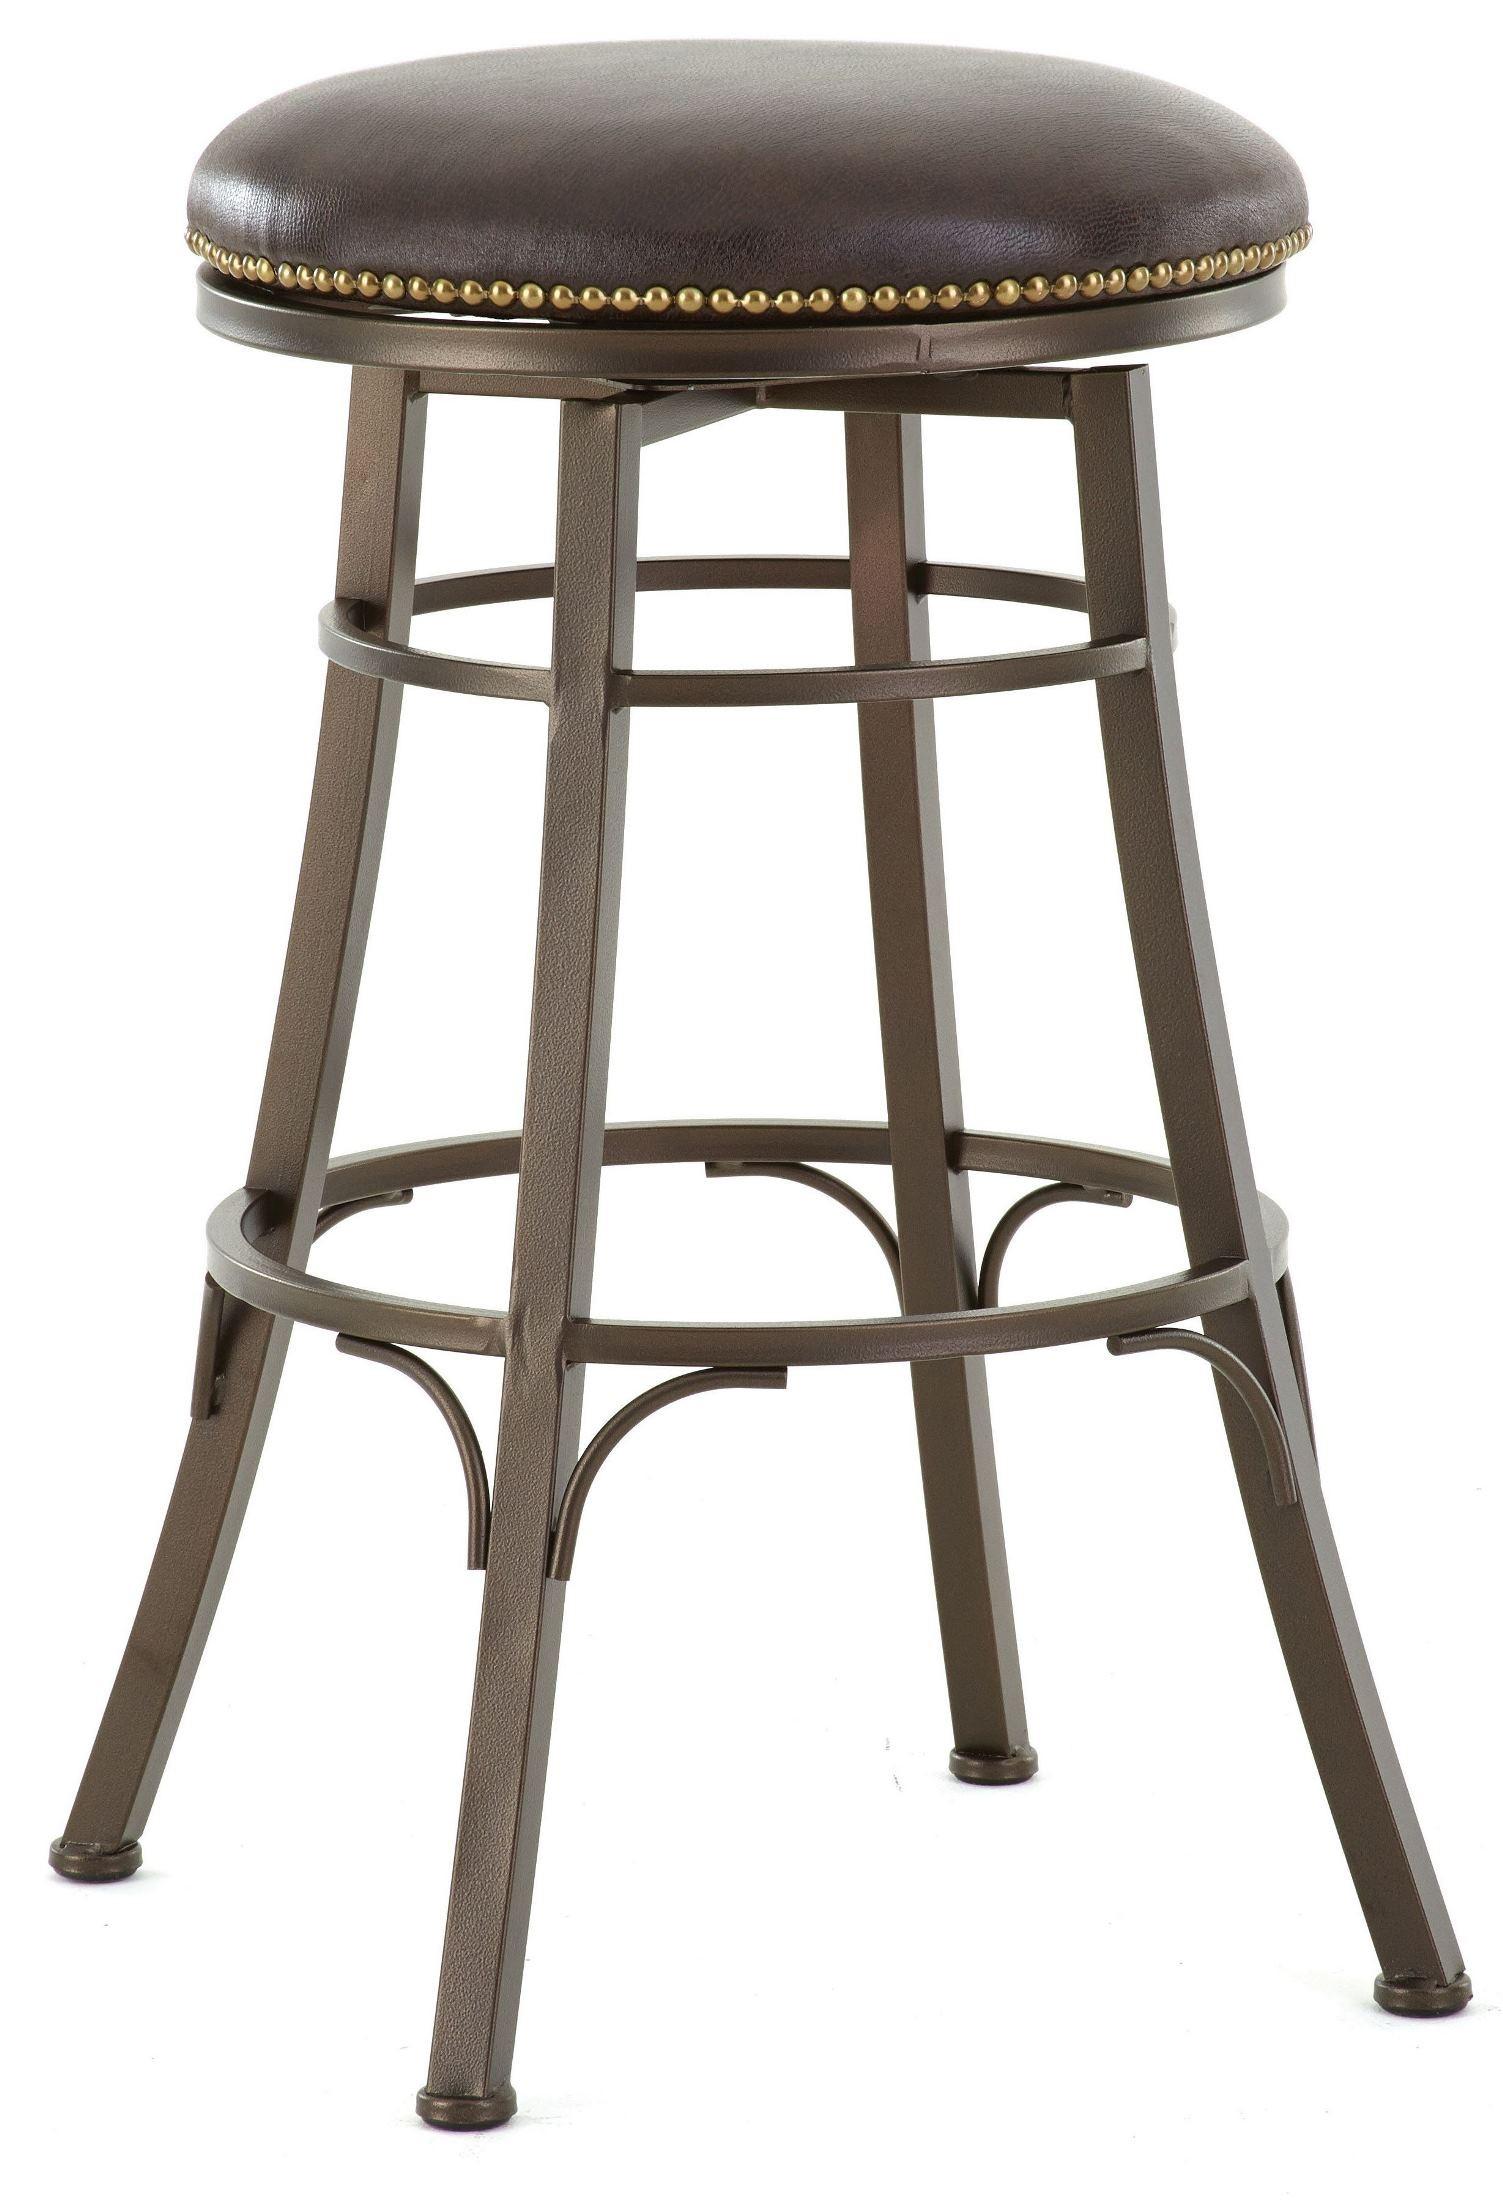 bali bonded leather backless swivel bar stool from steve silver bl500sbc coleman furniture. Black Bedroom Furniture Sets. Home Design Ideas